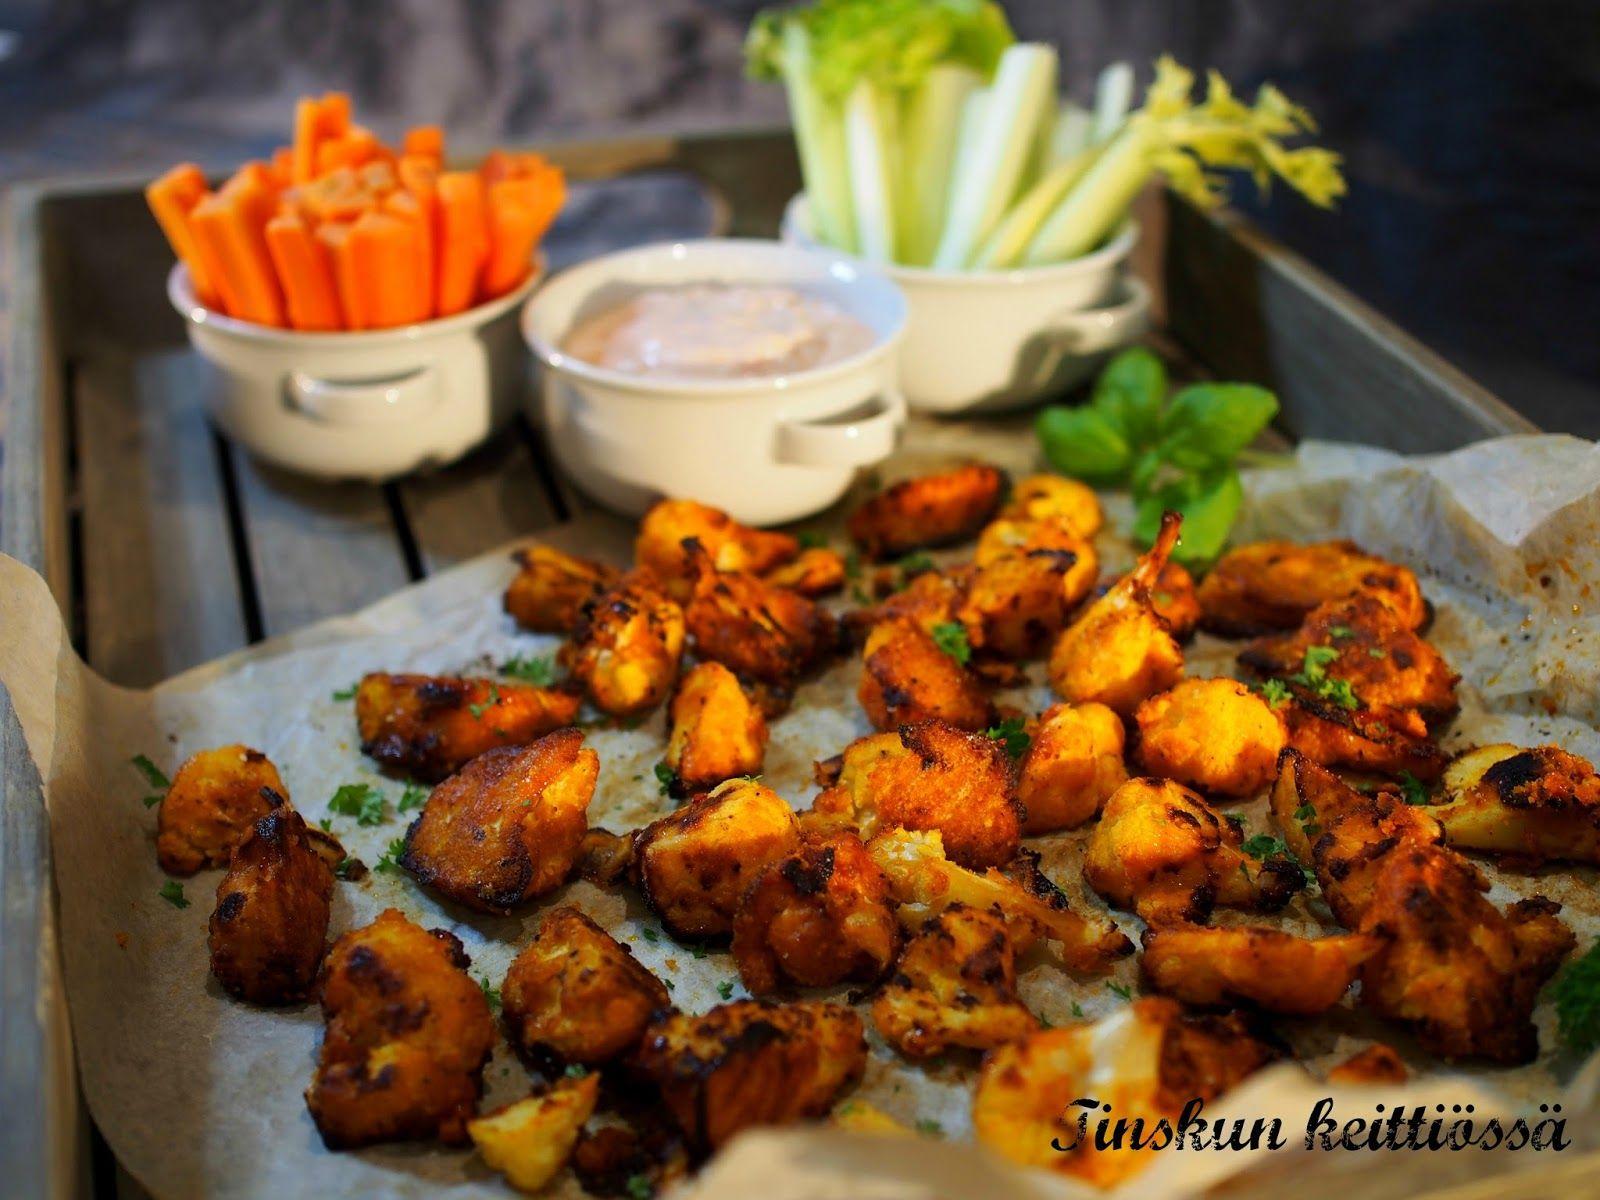 Chicken wings kukkakaalista / Tinskun keittiössä